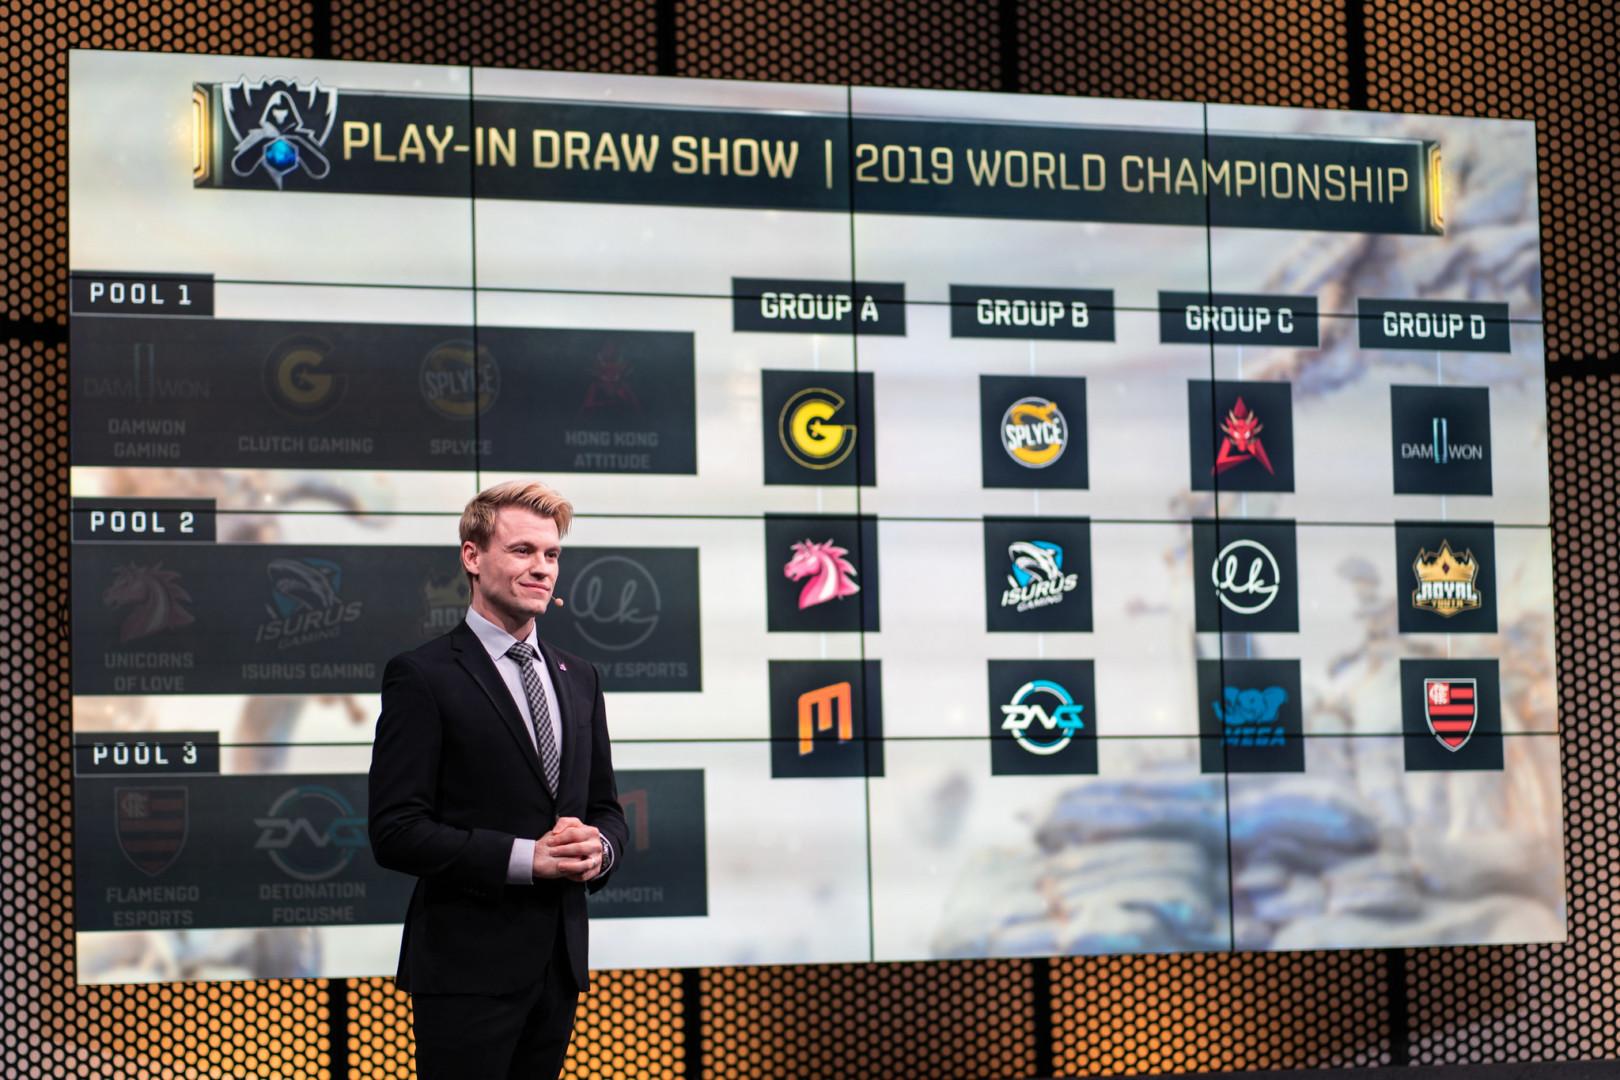 Isurus Gaming ya conoce a sus rivales: cómo quedó conformado el Play-in de Worlds 2019